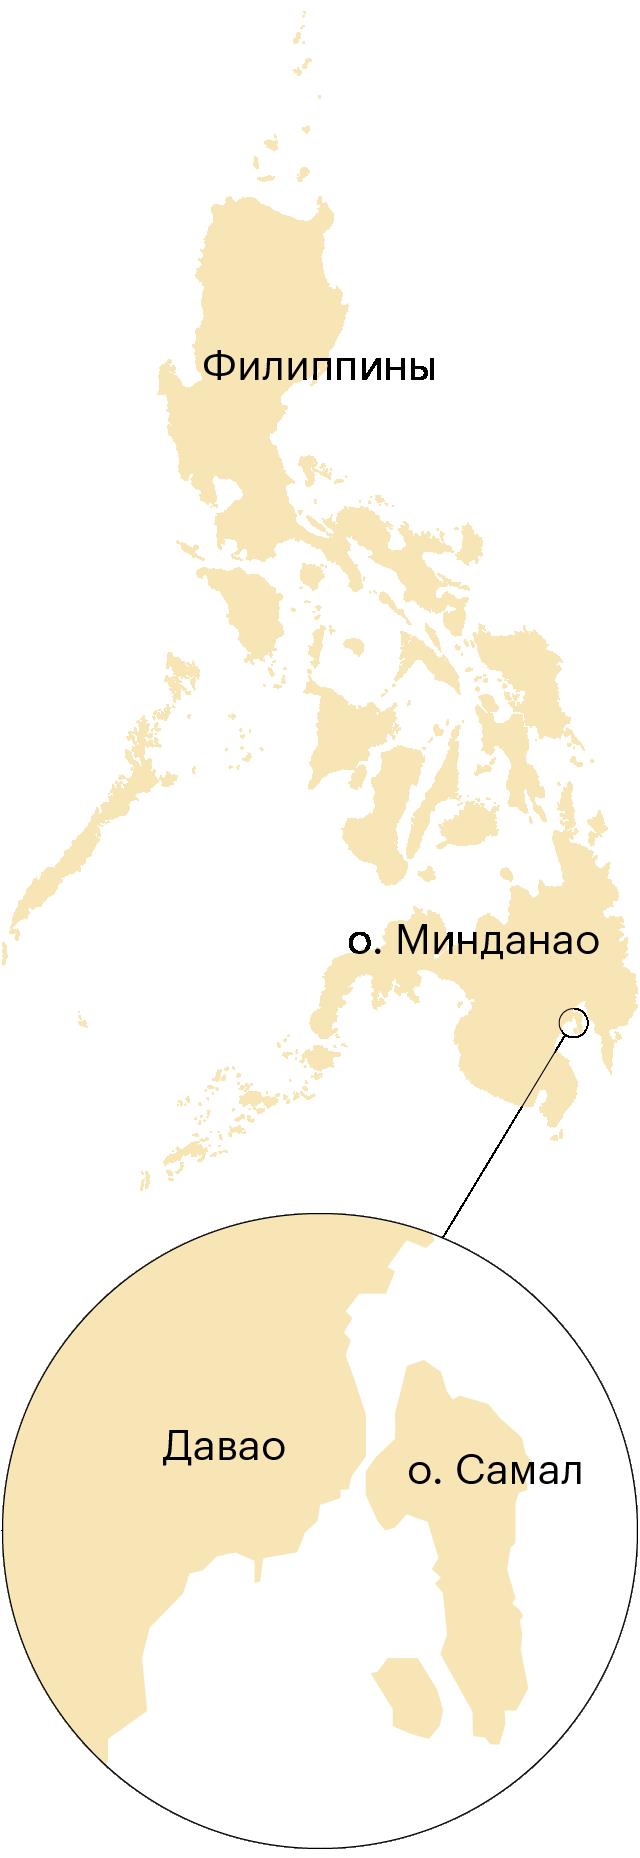 Жители филиппин